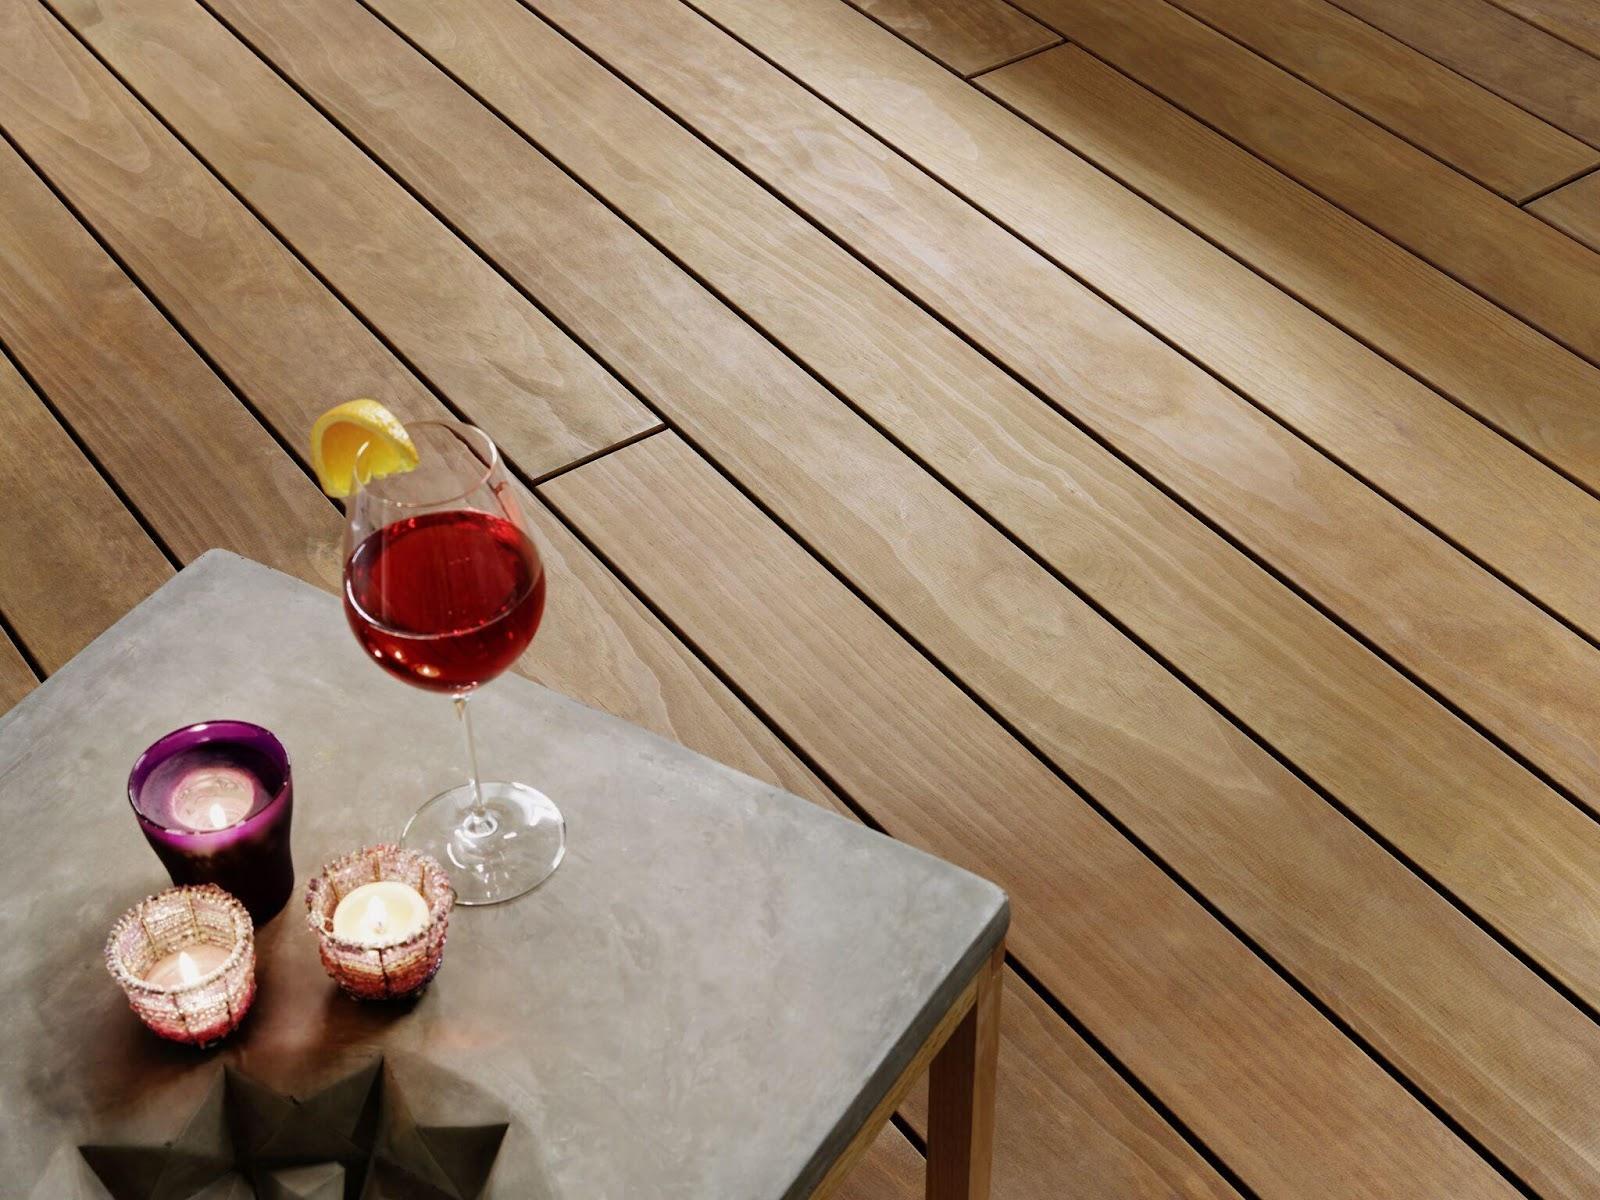 Profitez de votre terrasse finie : Une fois que la terrasse est montée, il ne reste plus qu'à profiter de cet espace en plein air avec les amis et la famille. Bon été !